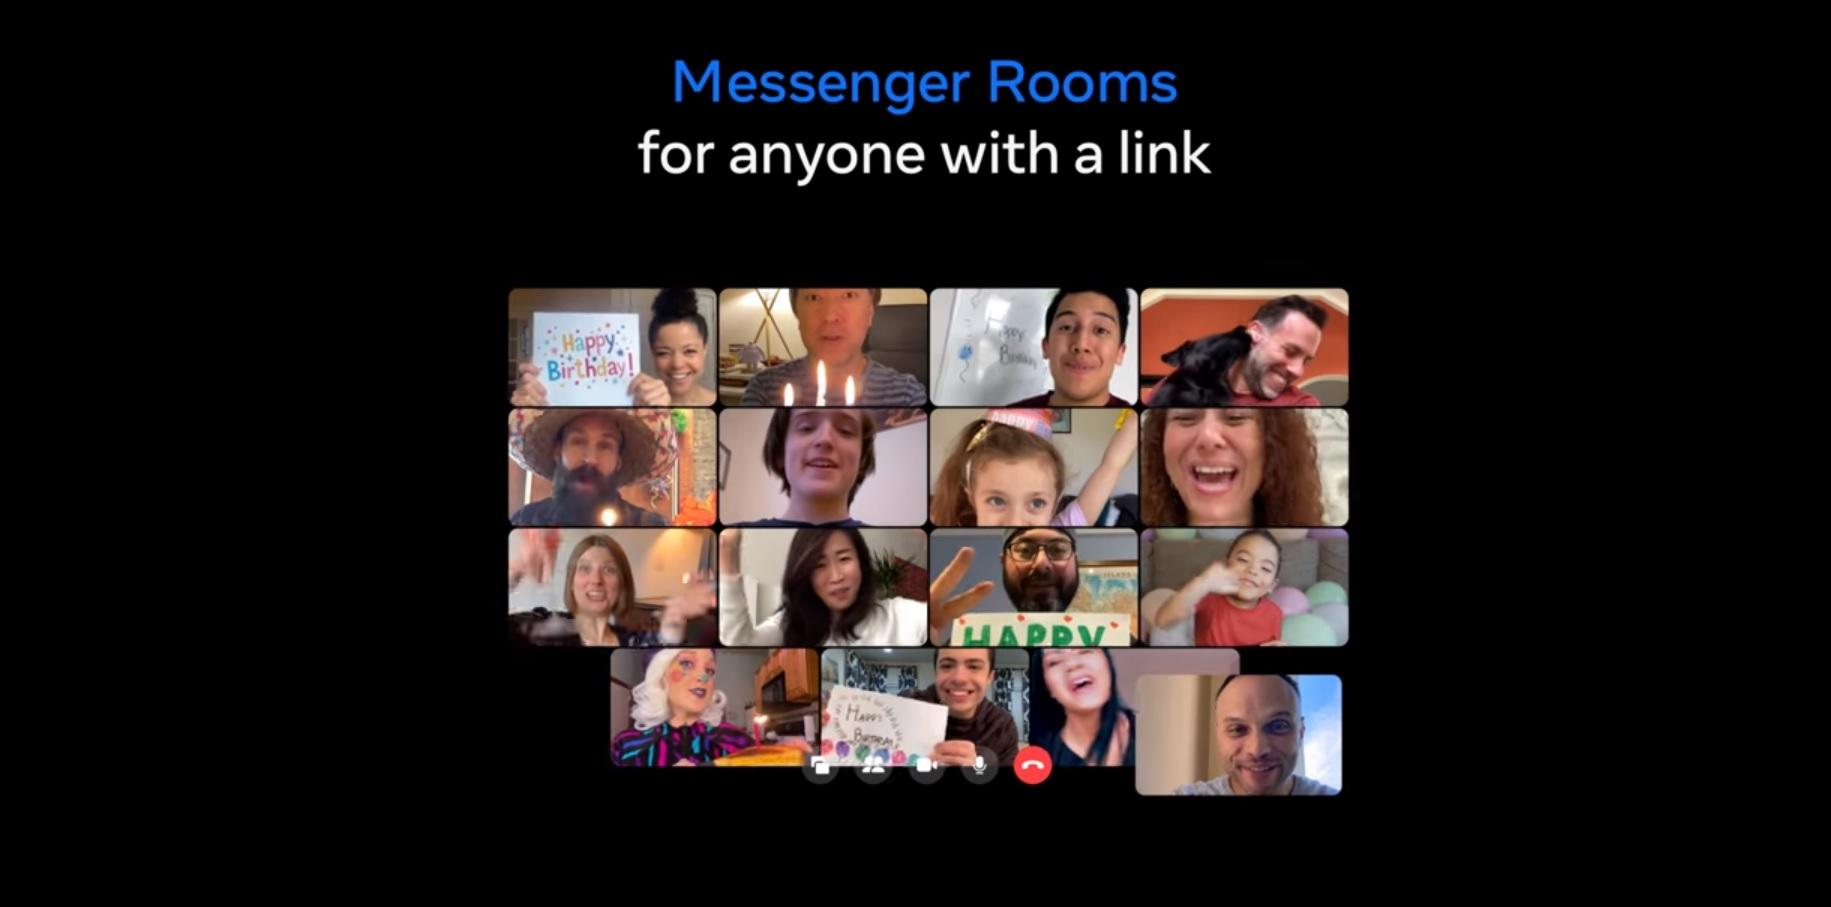 No hace falta tener cuenta en Facebook o Messenger para unirse a la sala de reunión.